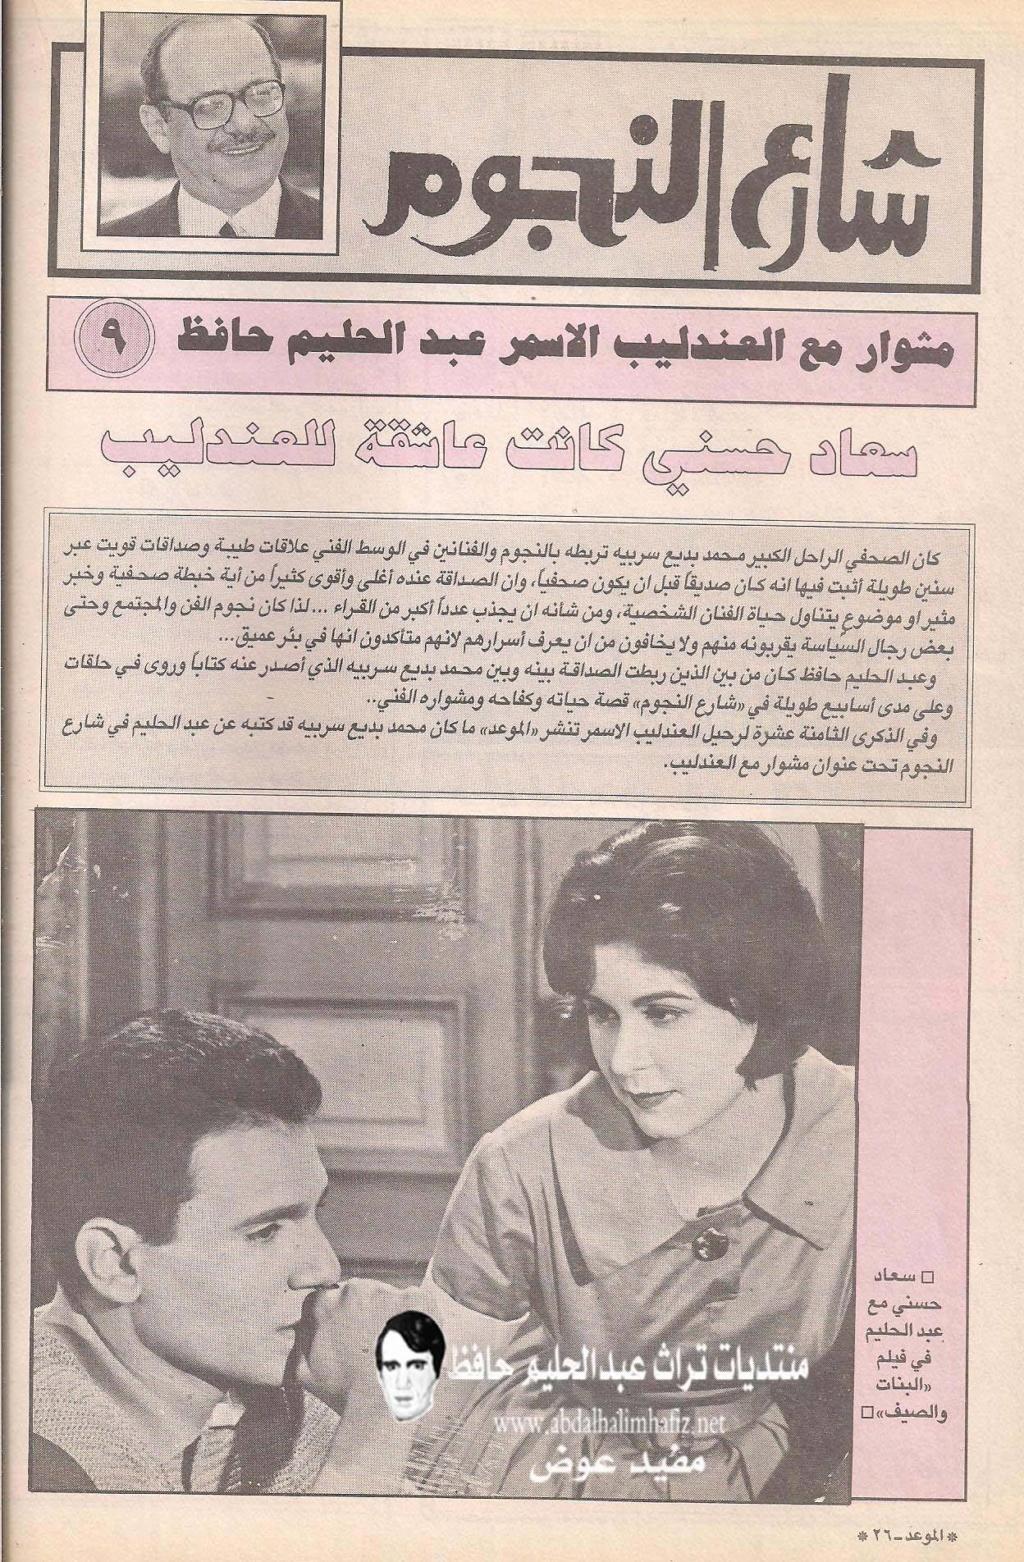 مقال - مقال صحفي : سعاد حسني كانت عاشقة للعندليب 1961 م 1147